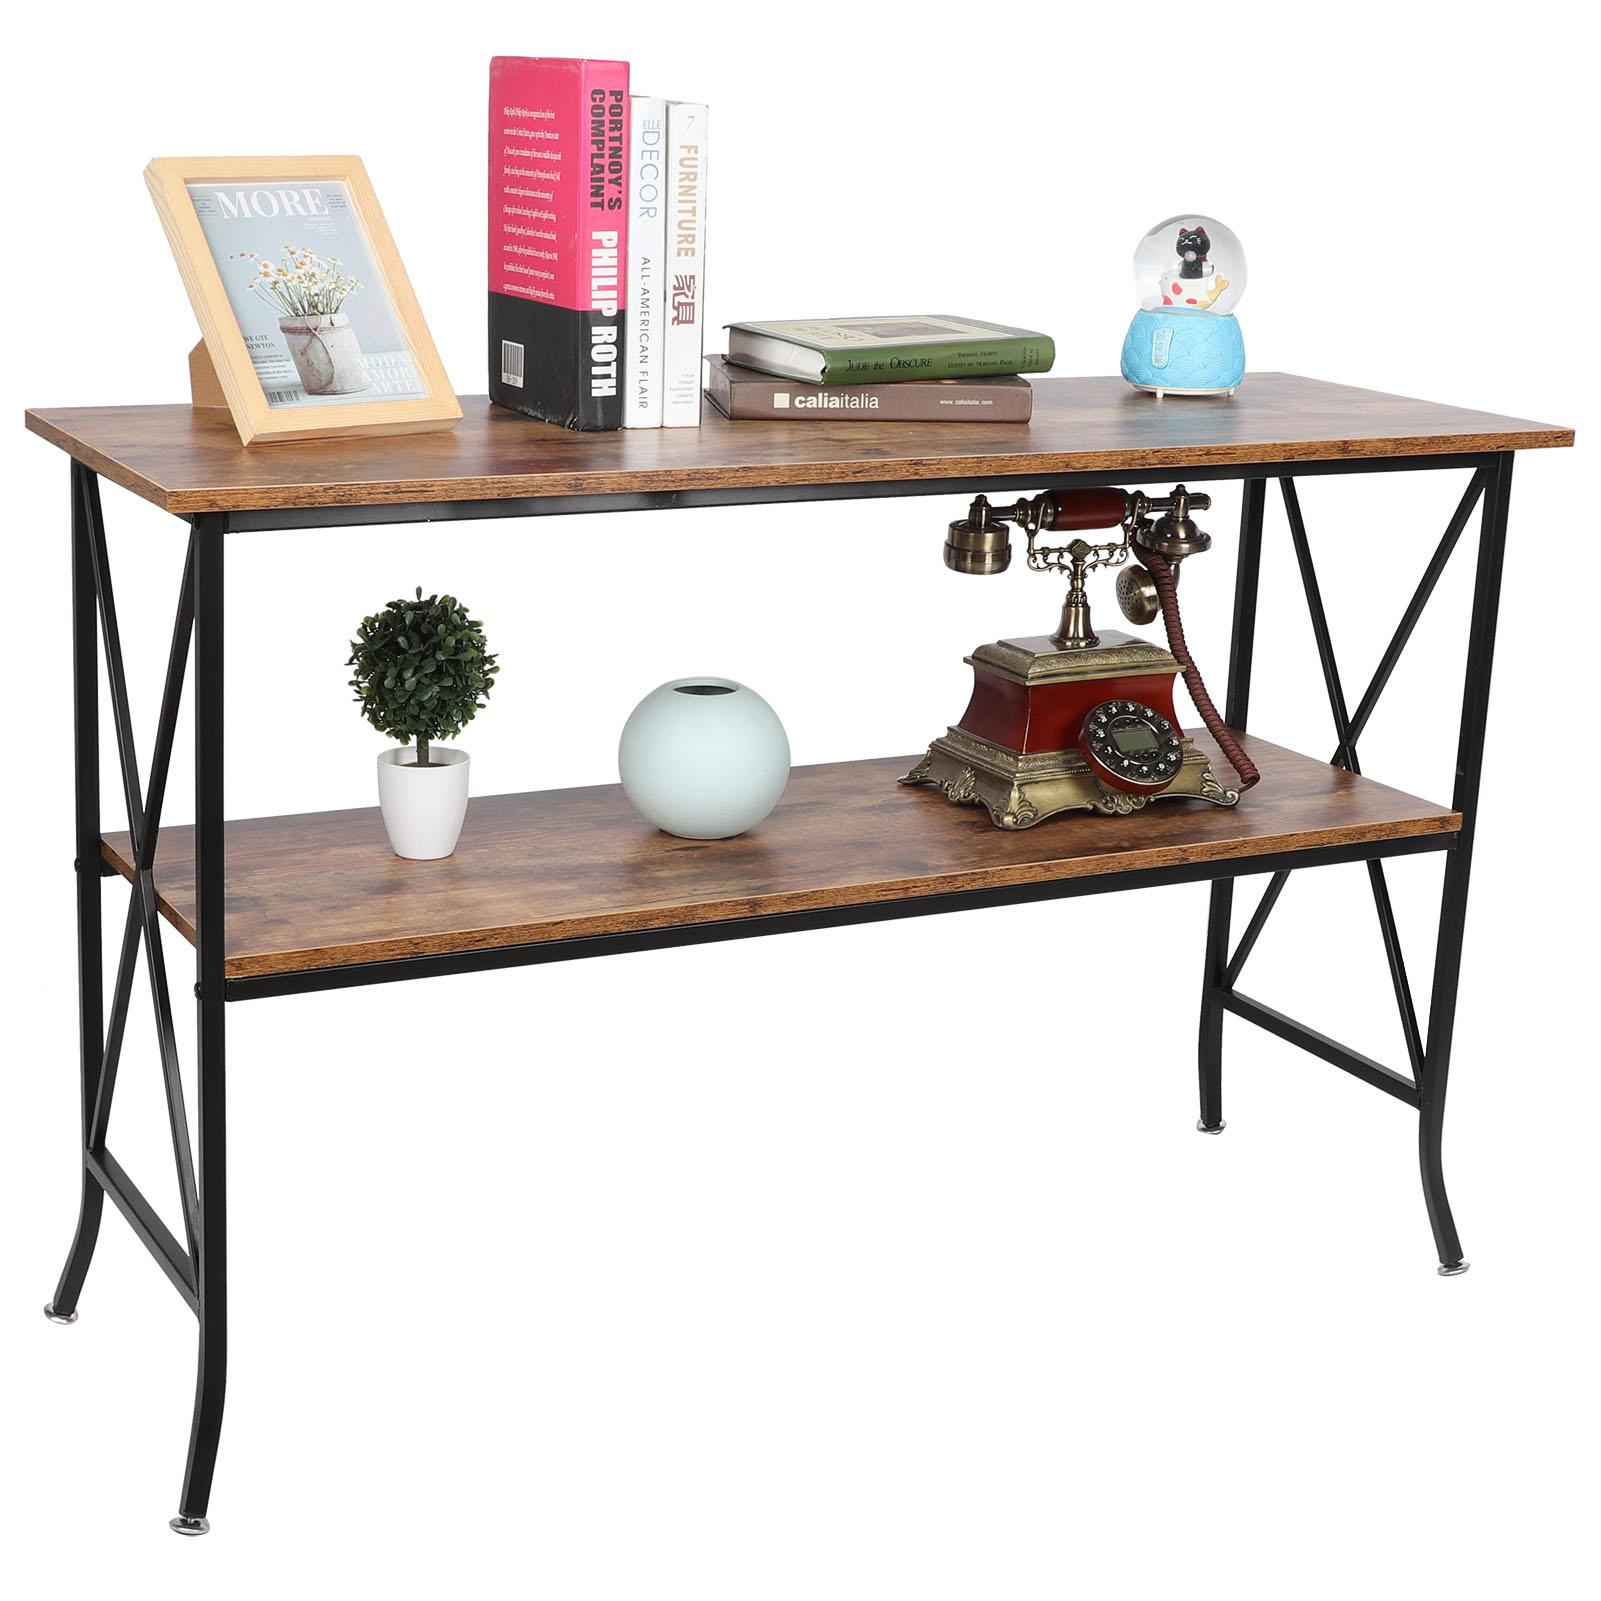 Table de Console Table d'Appoint Table d'entrée Table de Salon pour Entré